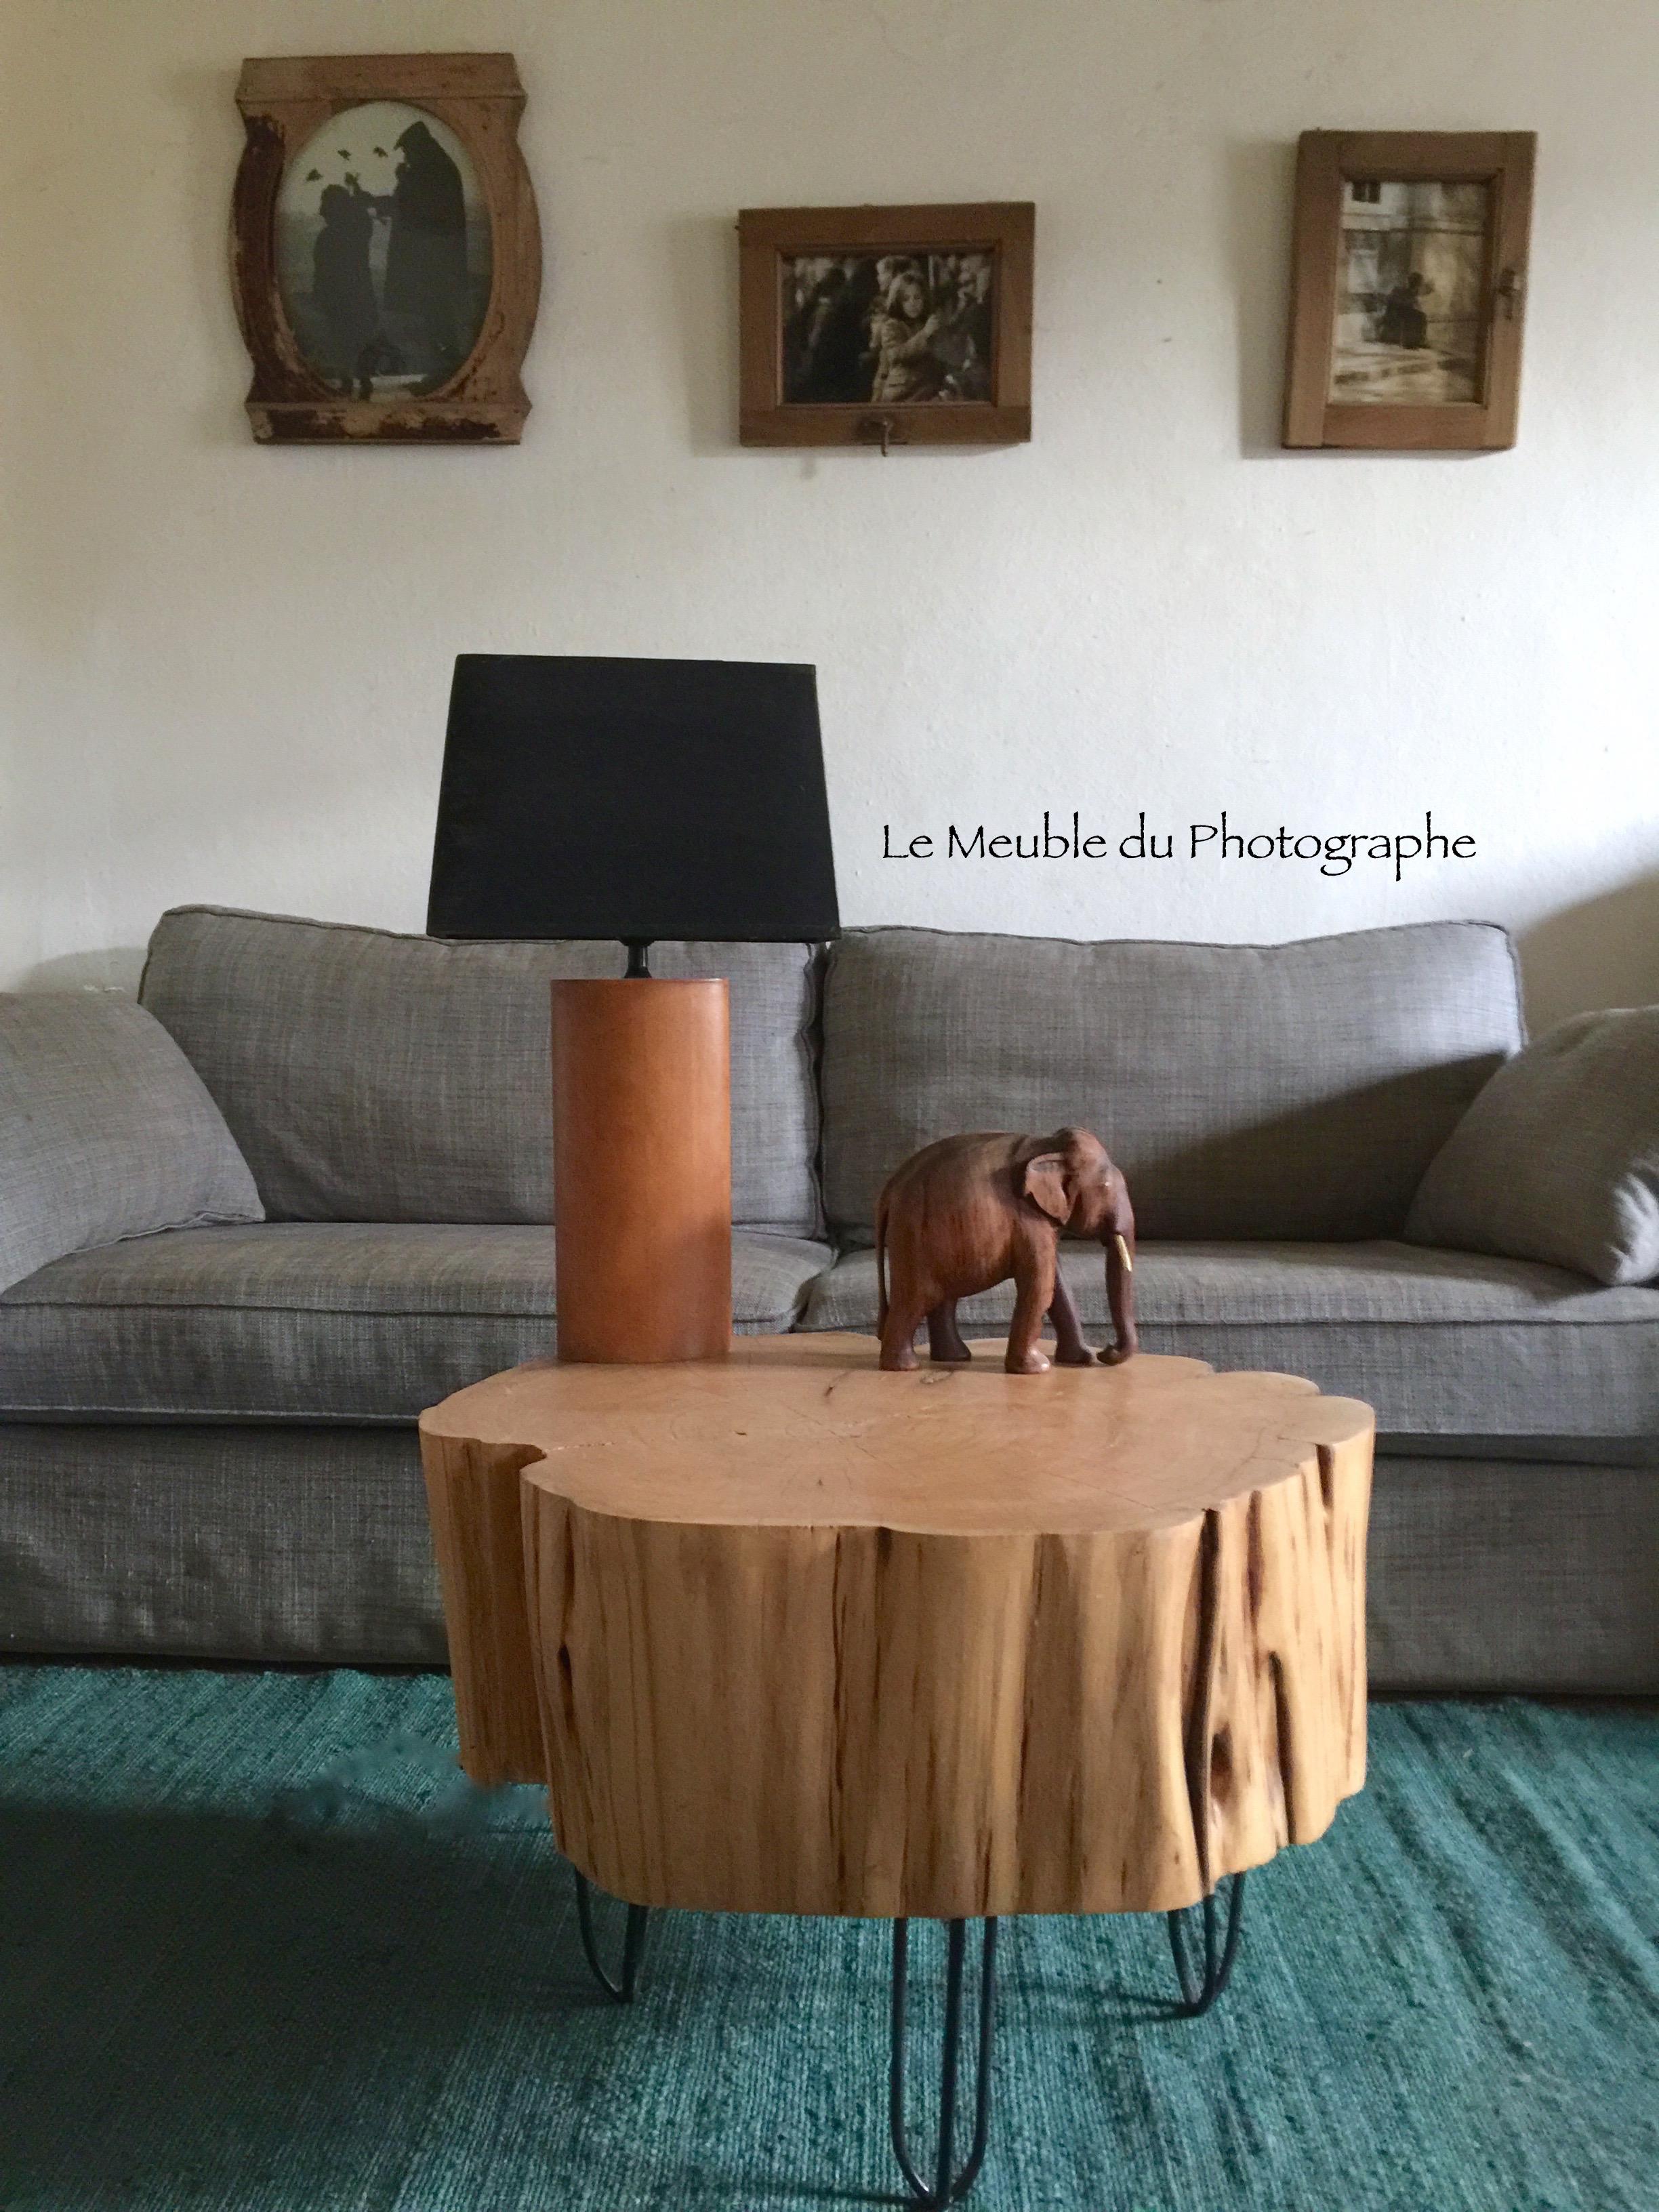 Table Basse Avec Souche D Arbre table basse rondin 60cm diamètre sur hairpin legs - reservee